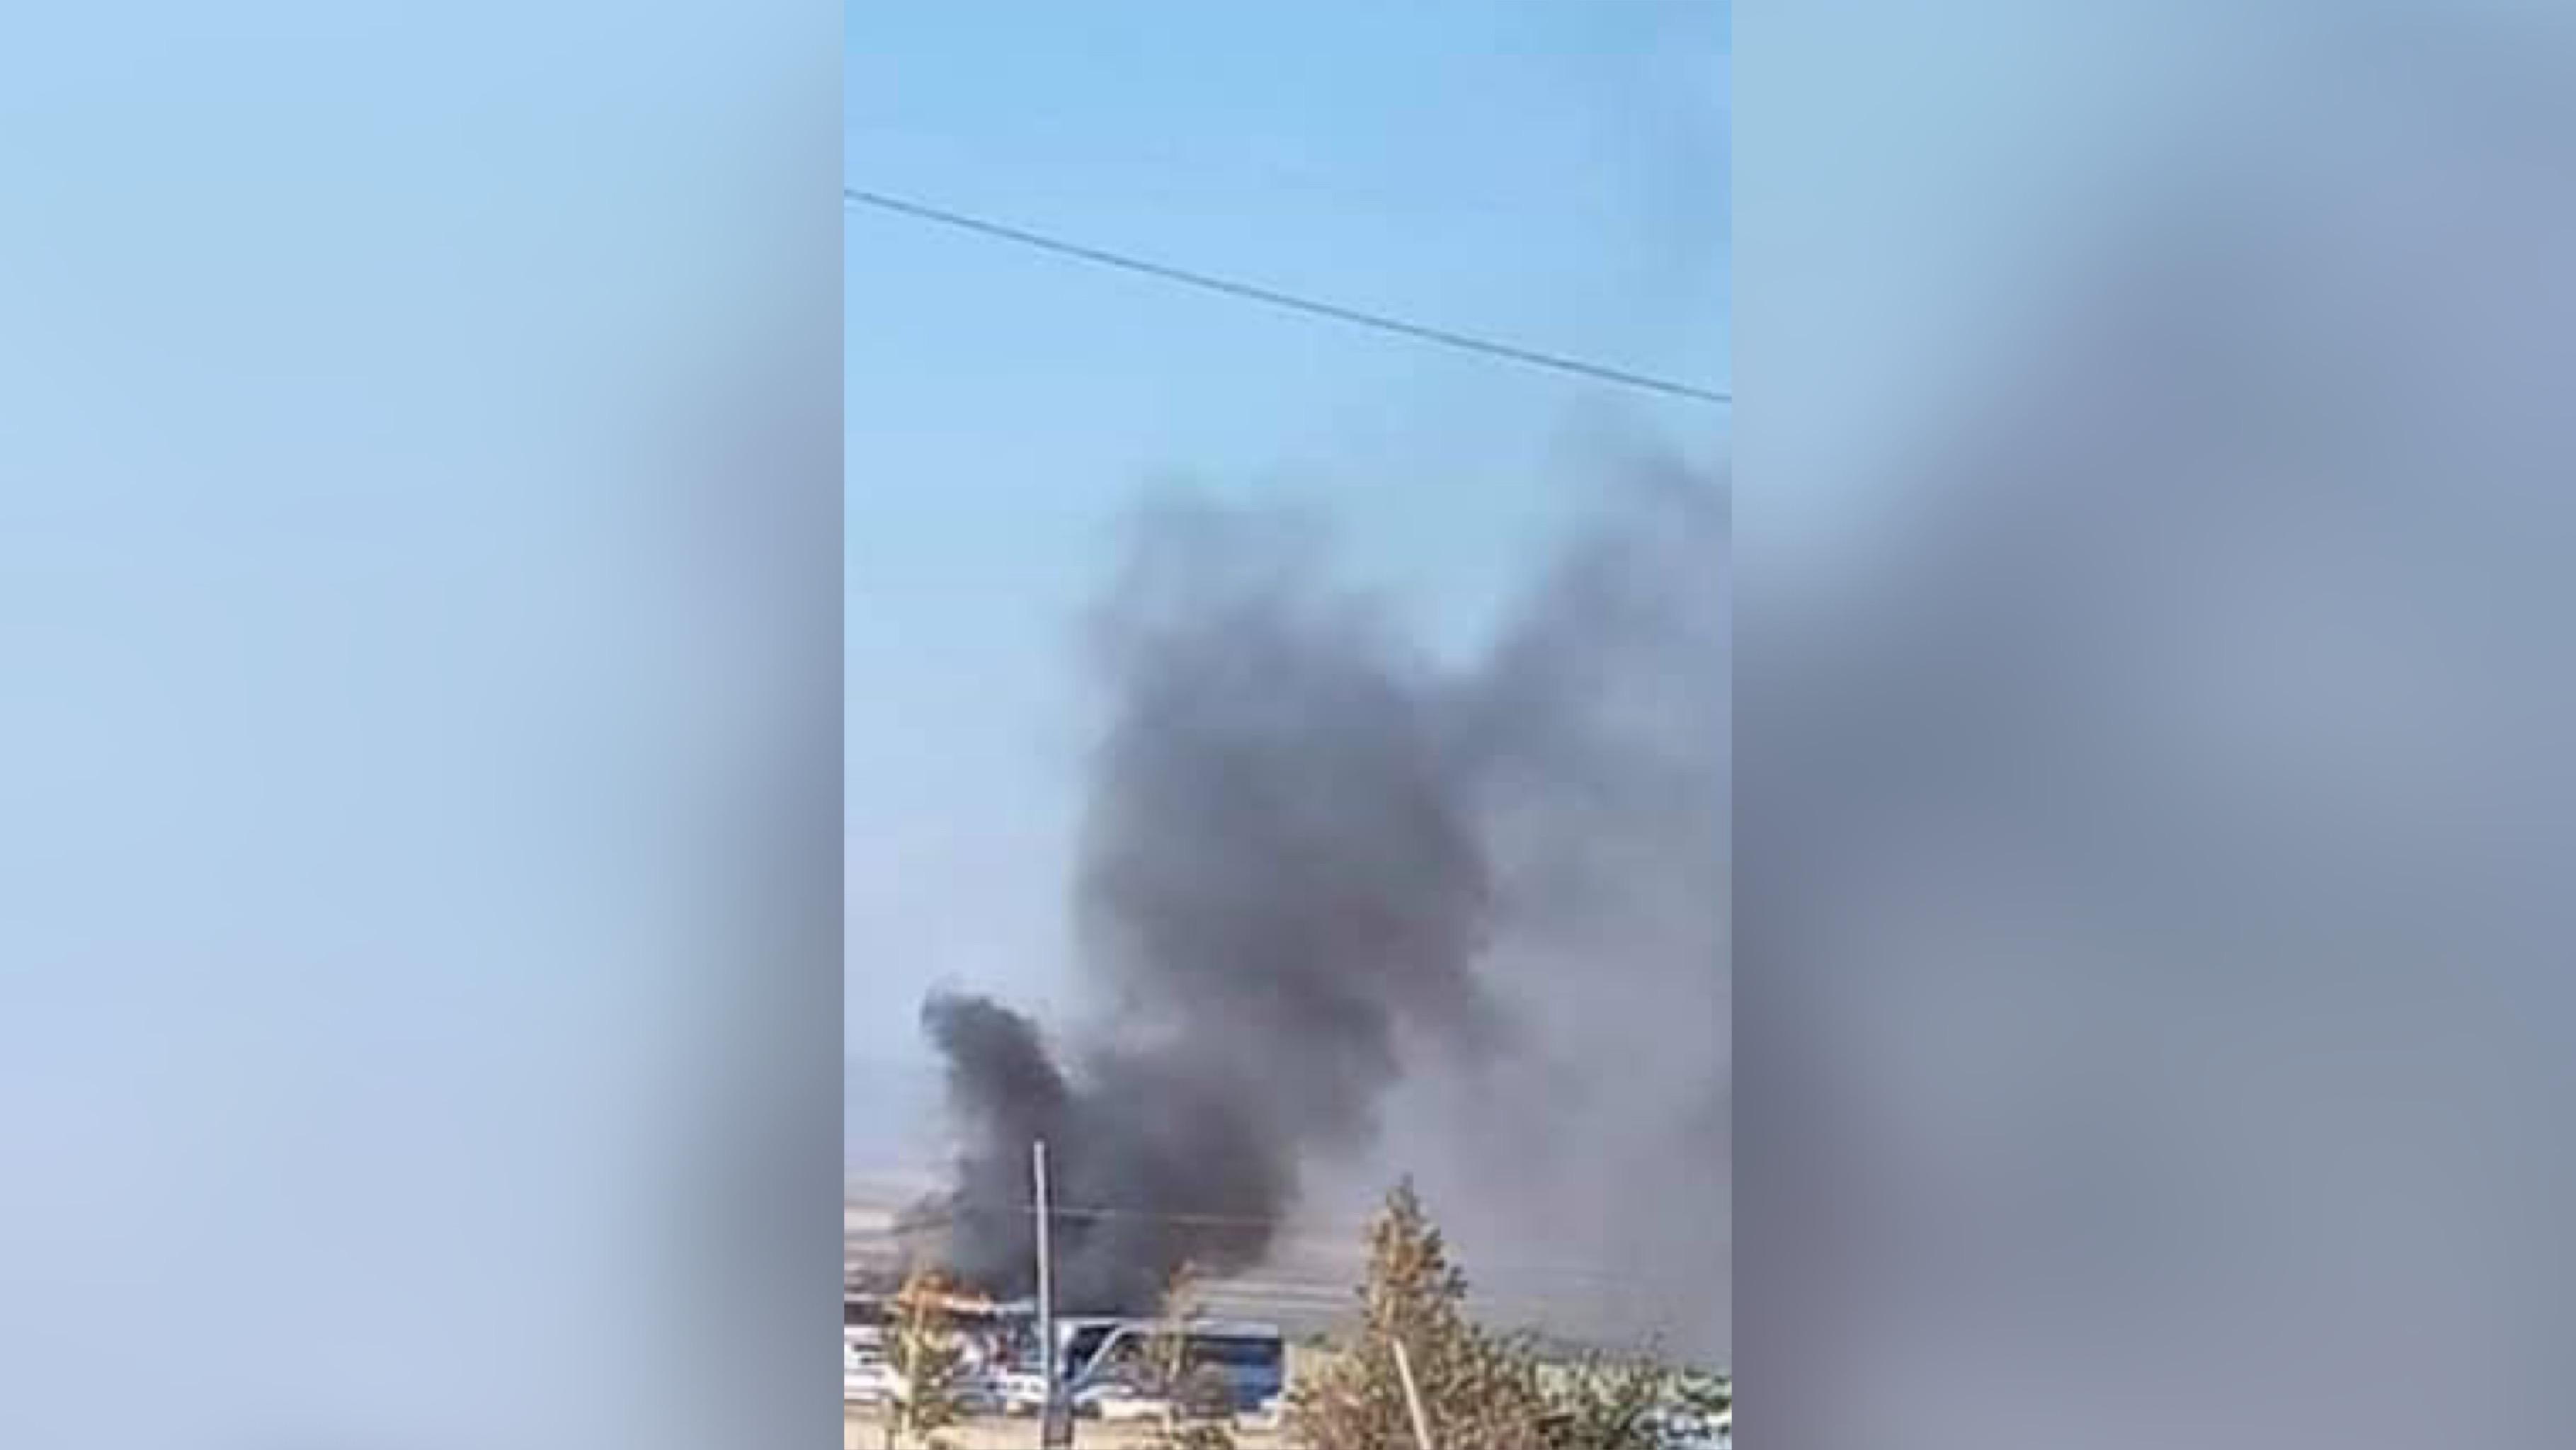 Армения обвинила Азербайджан в обстреле города Варденис. Там полыхает автобус